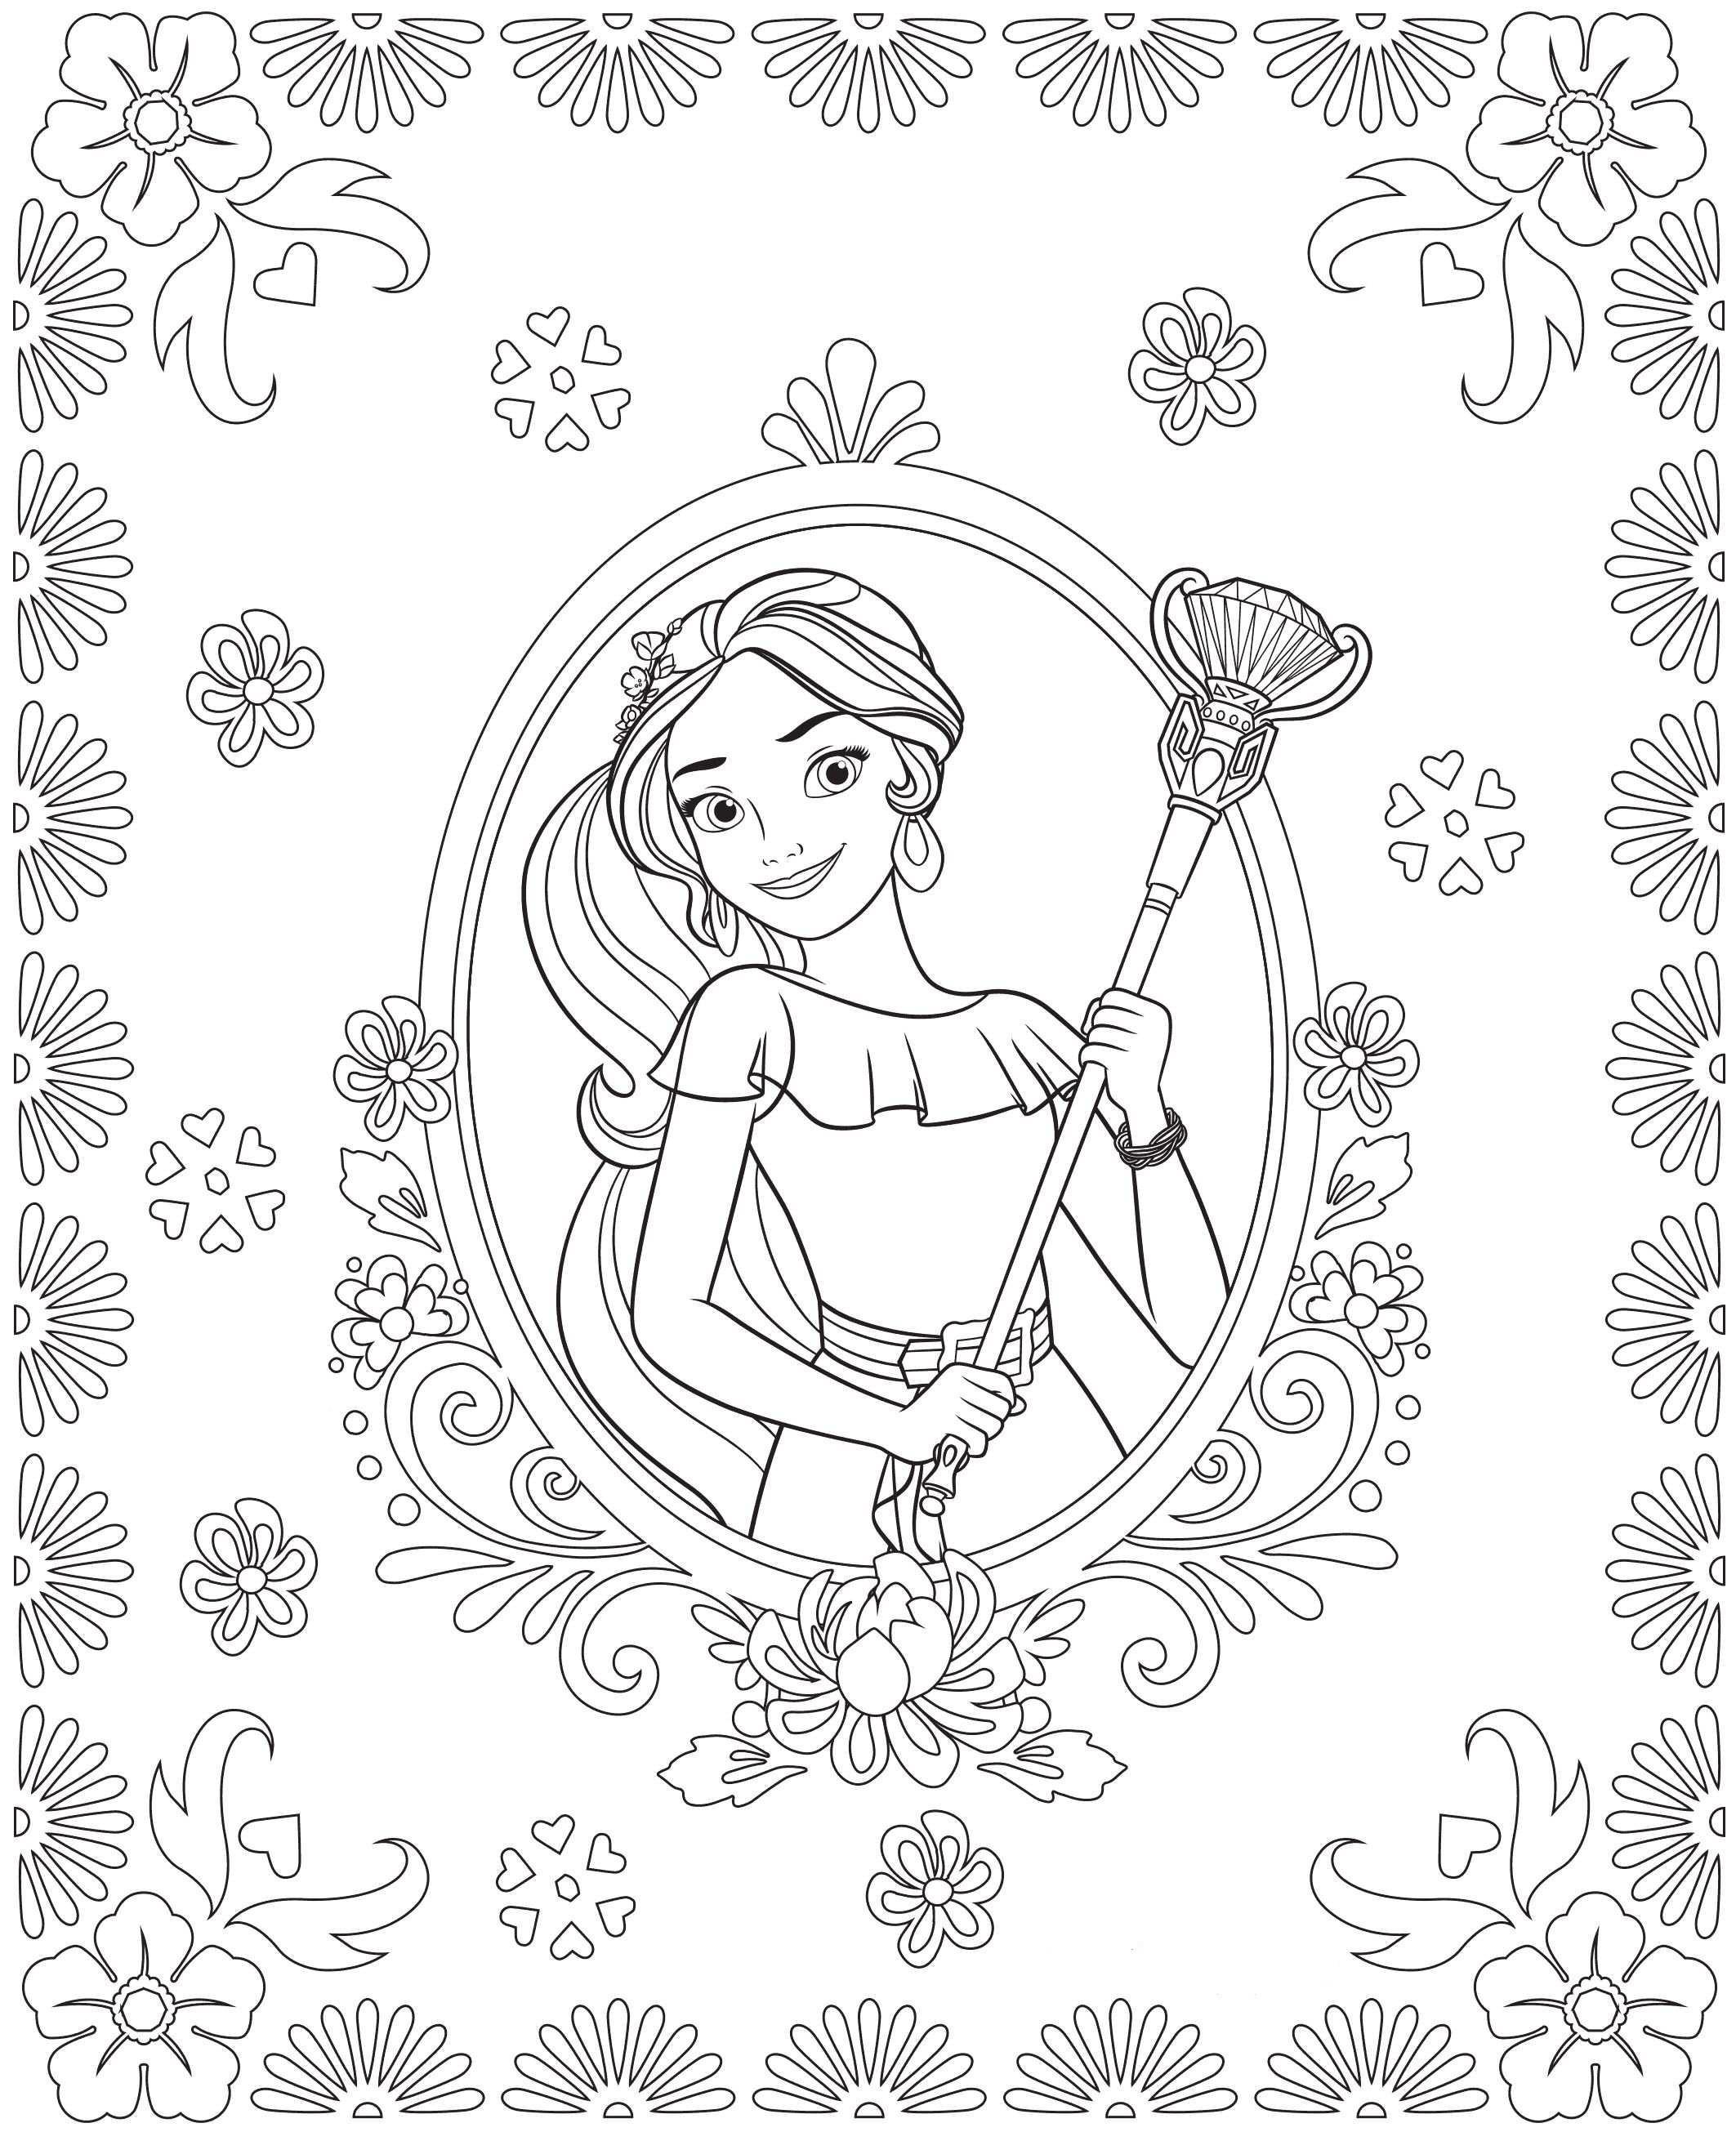 Elena Von Avalor Ausmalbilder Inspirierend Disney Elena Avalor Printable Coloring Pages Schön Ausmalbilder Stock